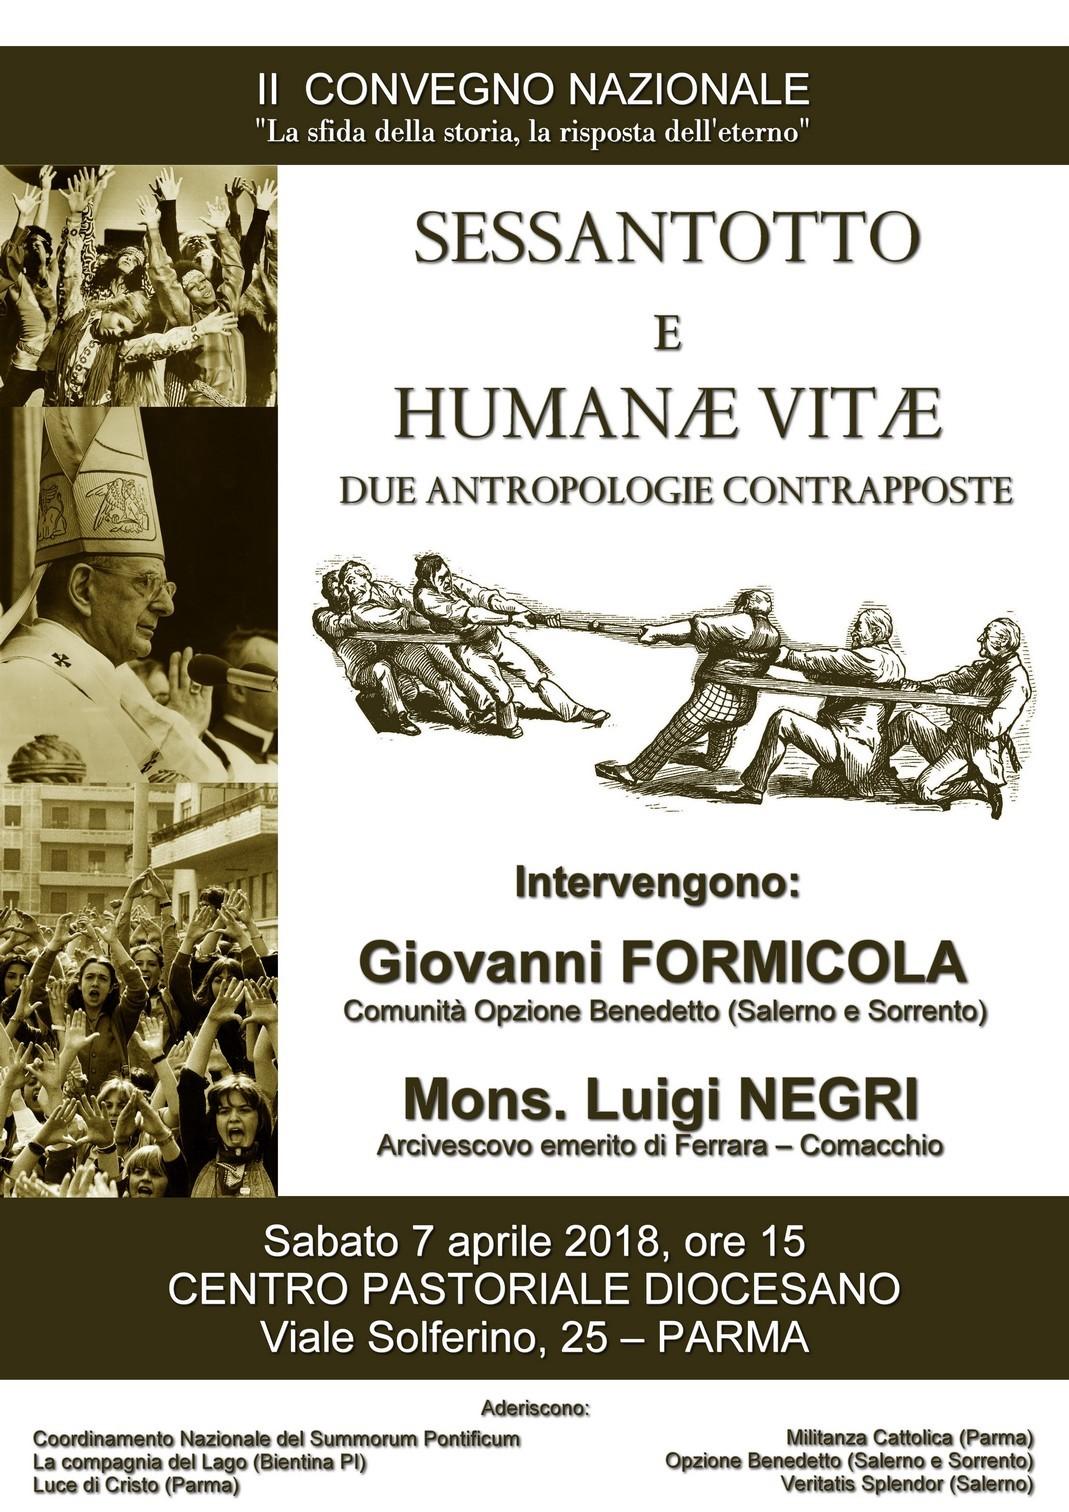 Sessantotto e Humanae Vitae, due antropologie contapposte